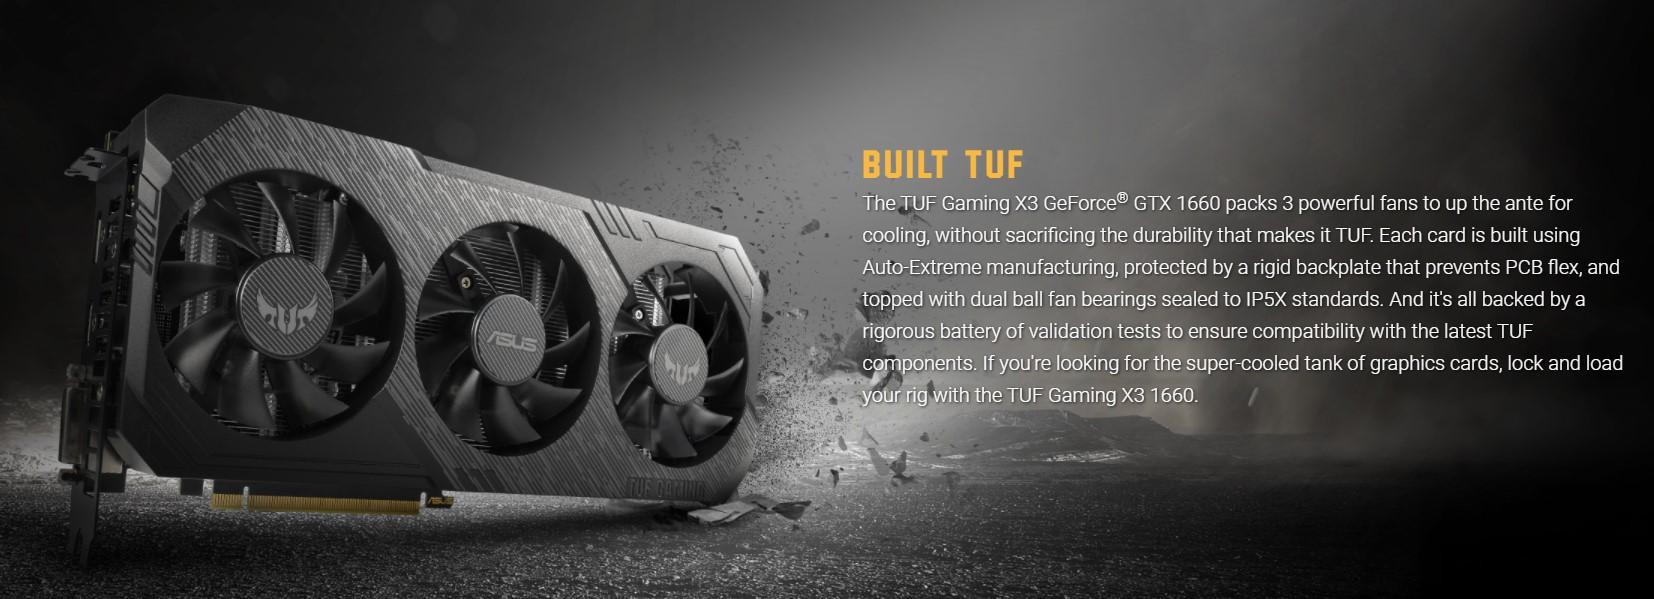 Card màn hình Asus TUF3 GTX 1660 A6G